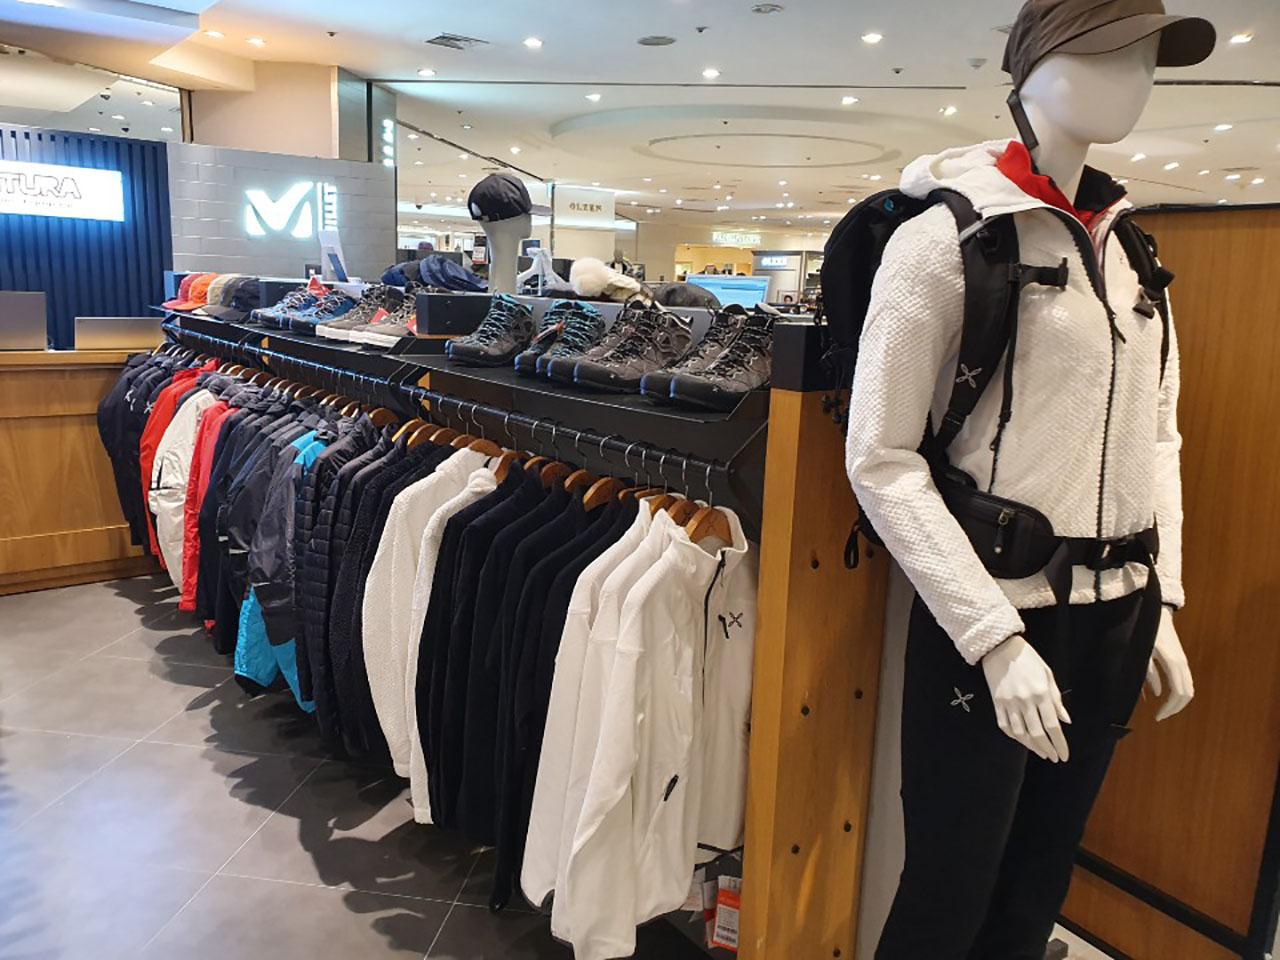 montura_shop_at-lotte_departament_store_jamsil_in_seoul_2.jpg